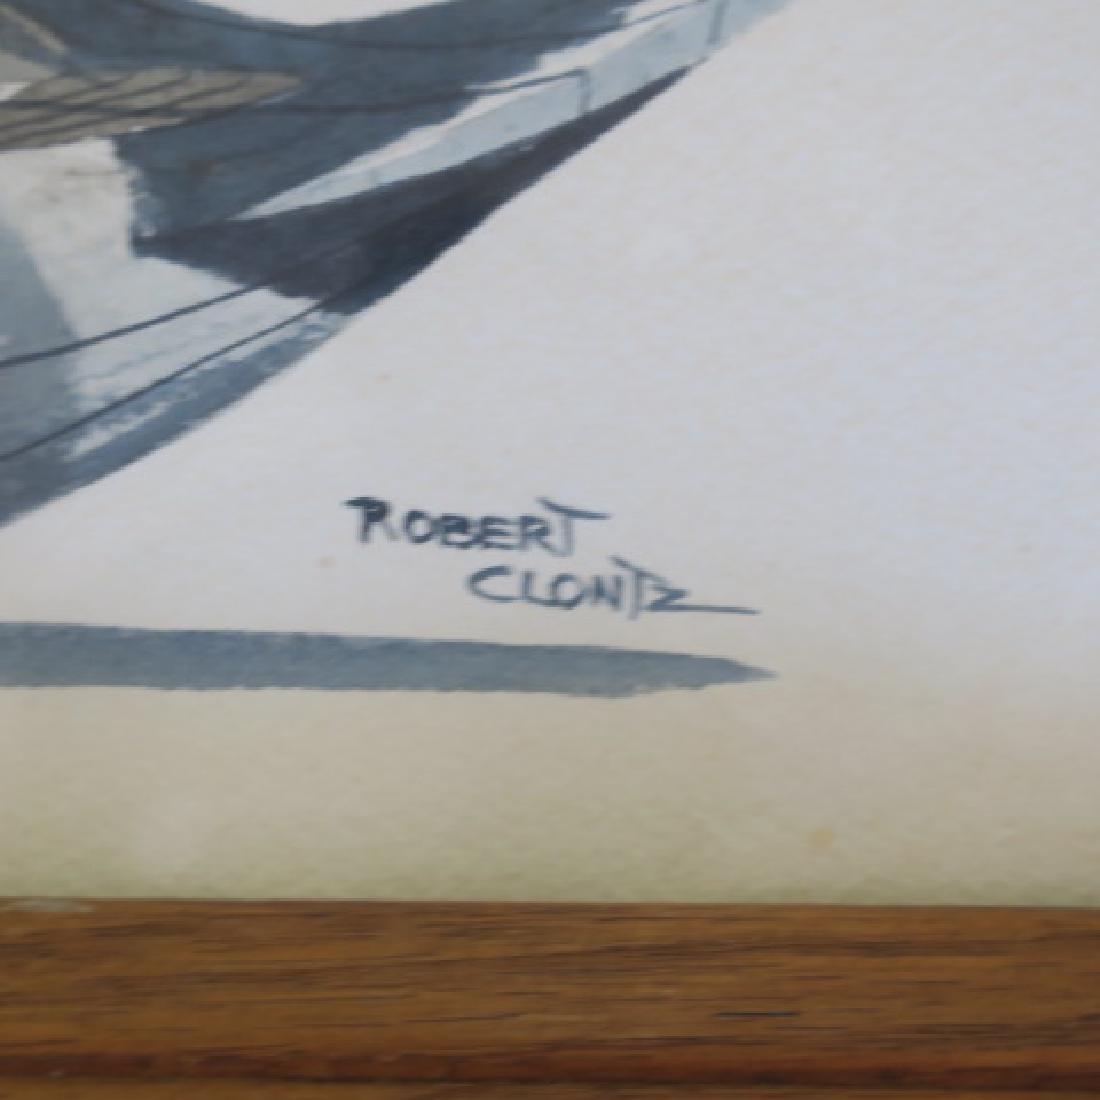 Two Signed ROBERT CLONTZ Duck Decoy Watercolors: - 5